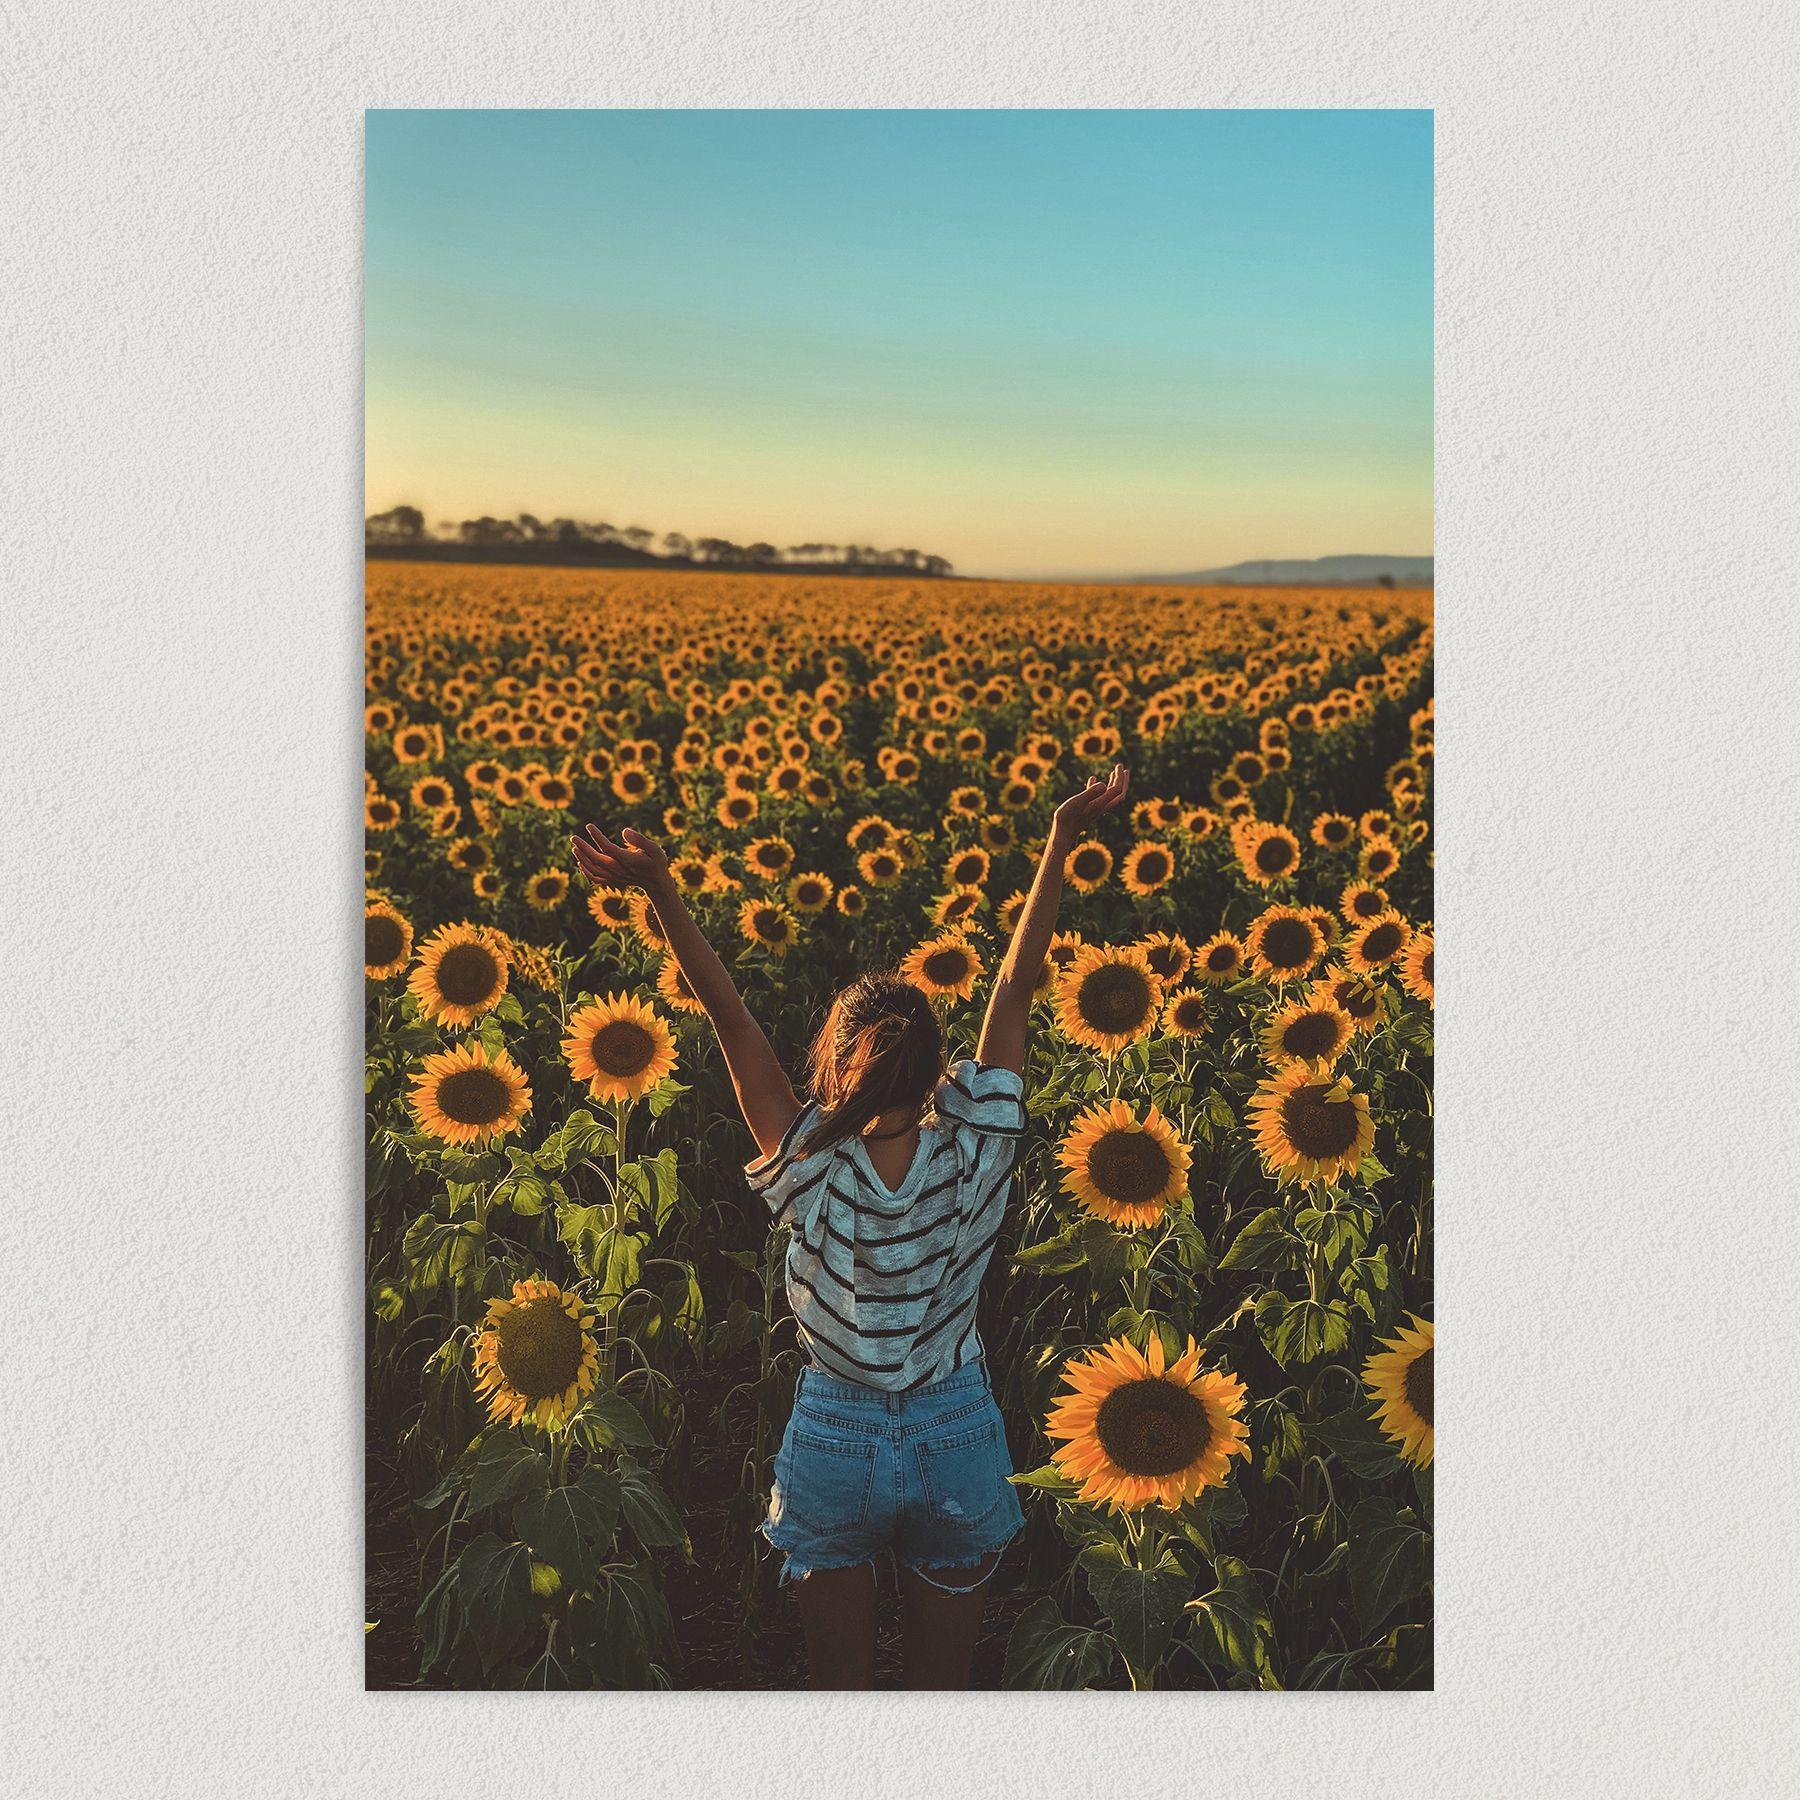 Fields of Sunflowers Rays of Sunshine Summertime Art Print Poster N1011